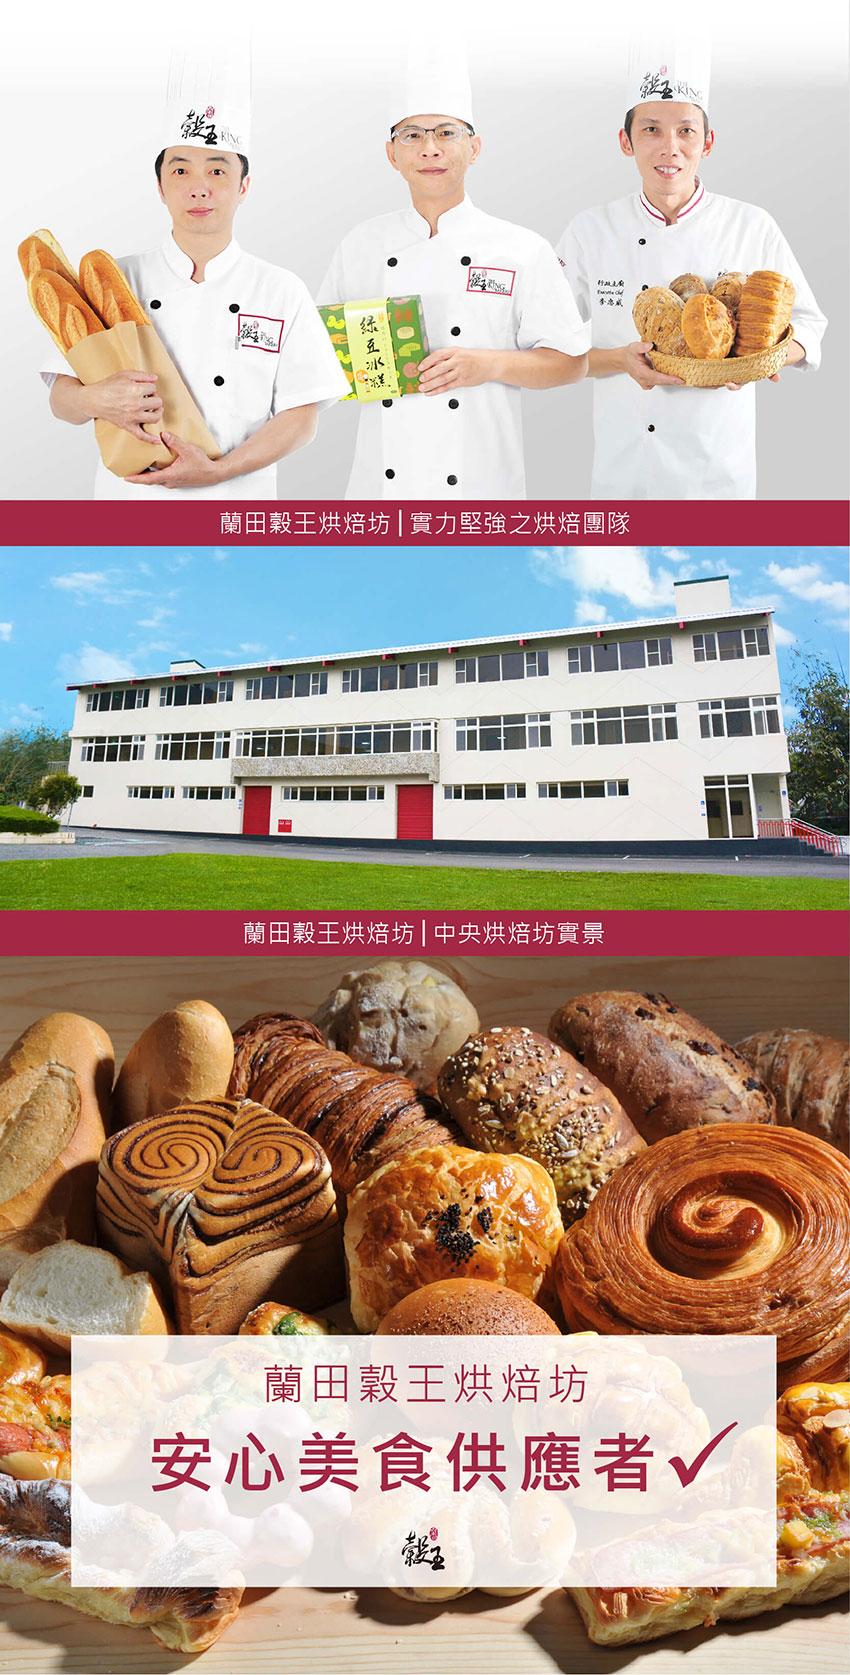 蘭田穀王烘焙坊專業團隊工廠及理念